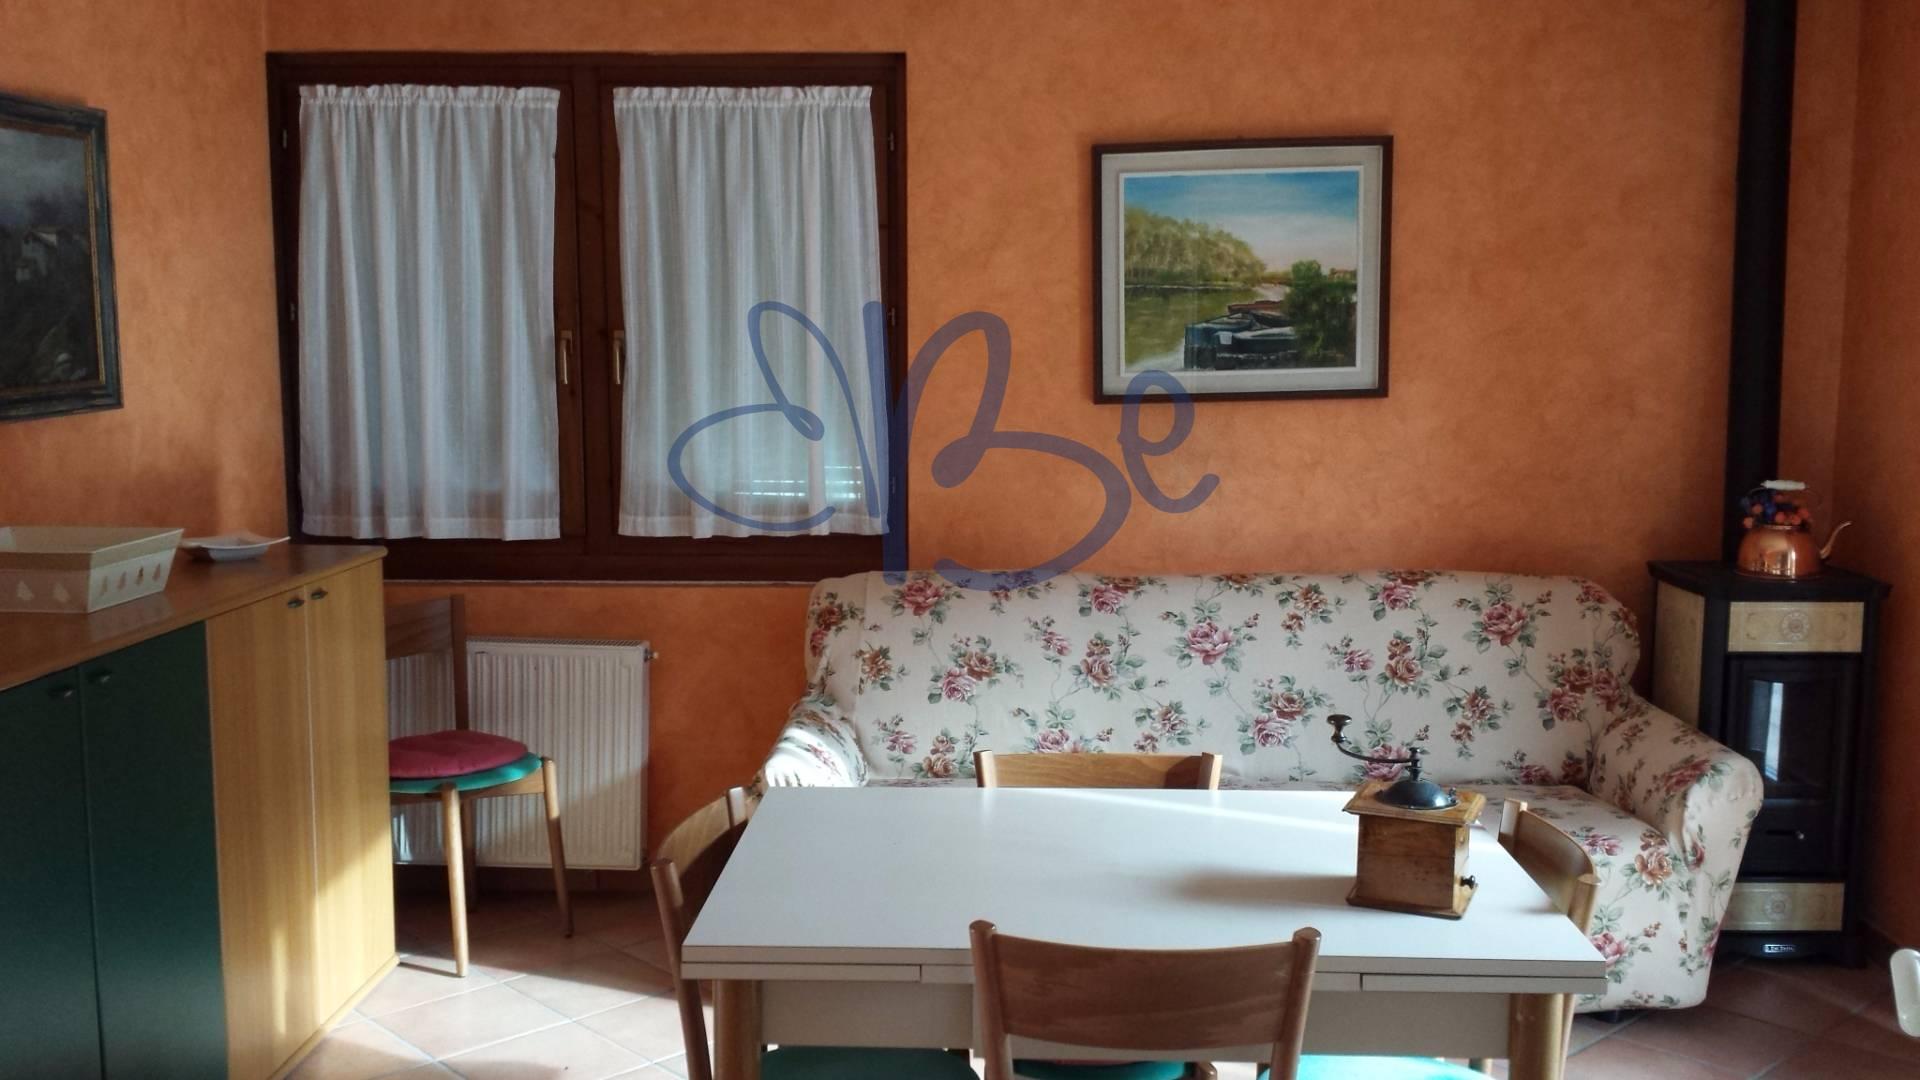 Appartamento in vendita a Idro, 2 locali, zona Zona: Crone, prezzo € 95.000 | Cambio Casa.it